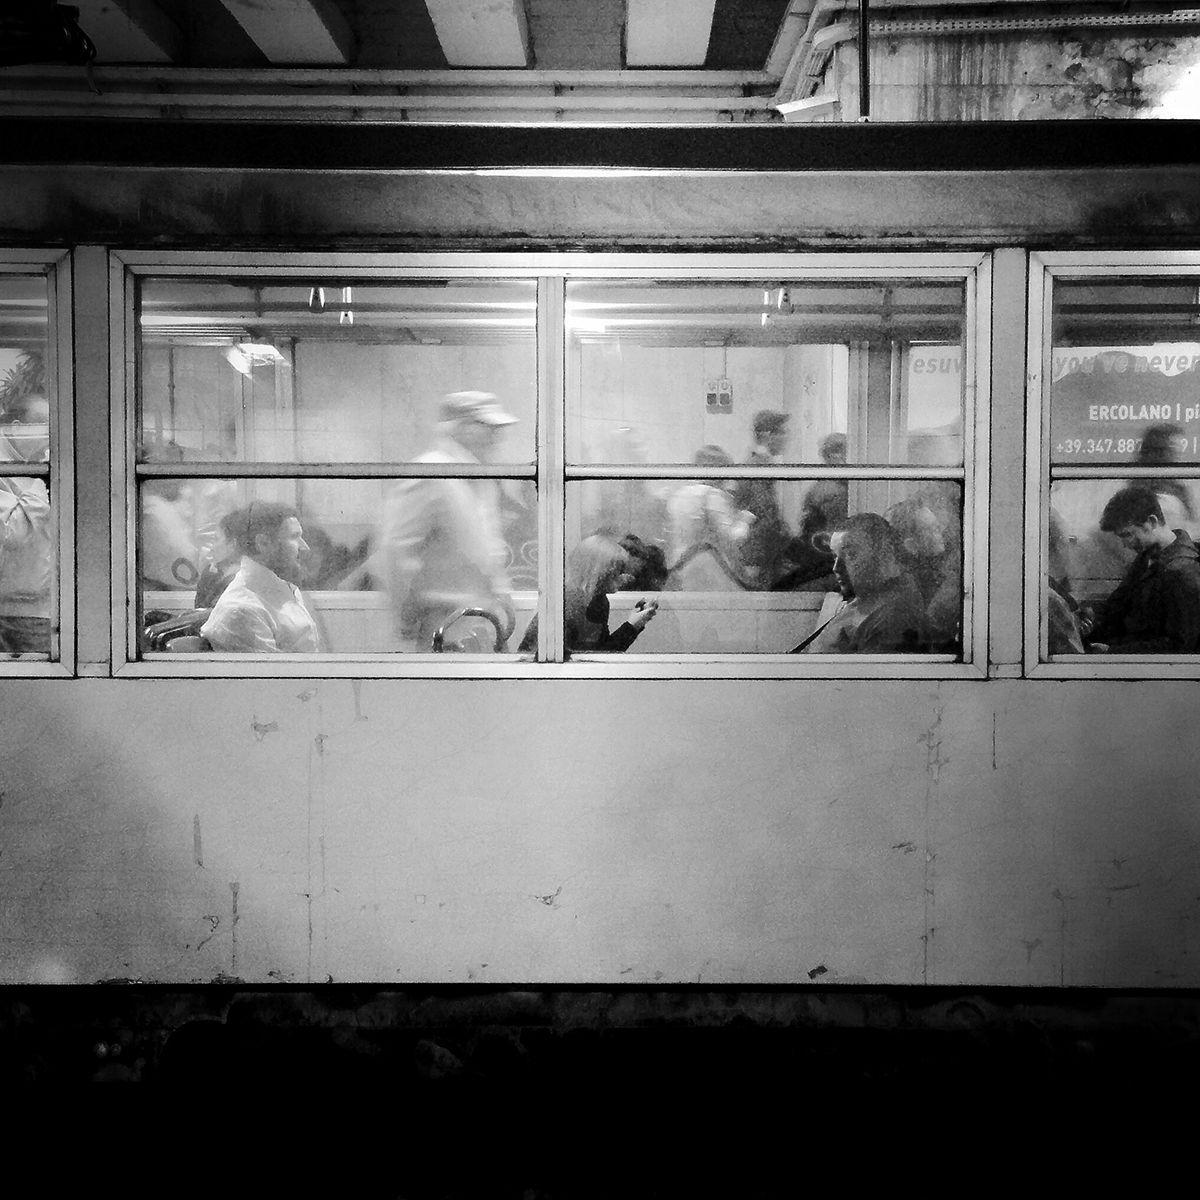 Subway, Italy